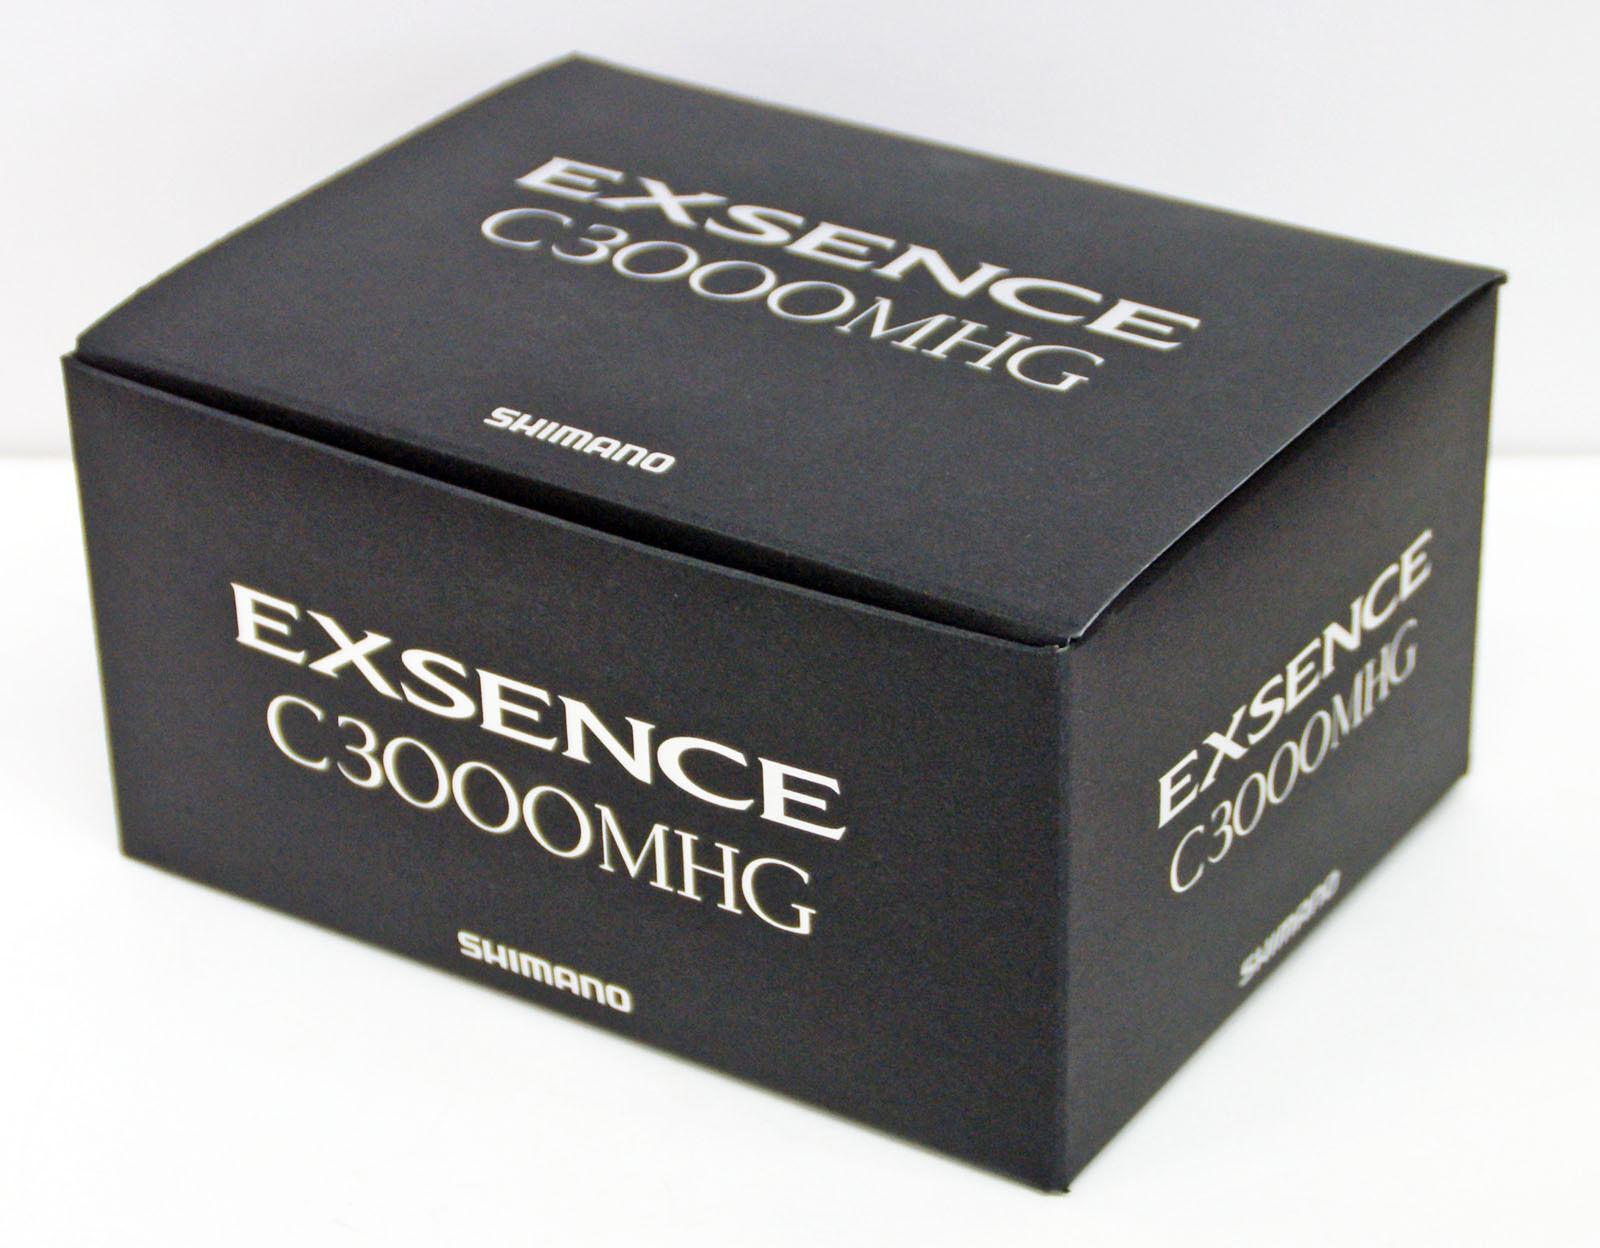 Shimano 17 Exsence C3000M HG Spinning Reel 4969363037503